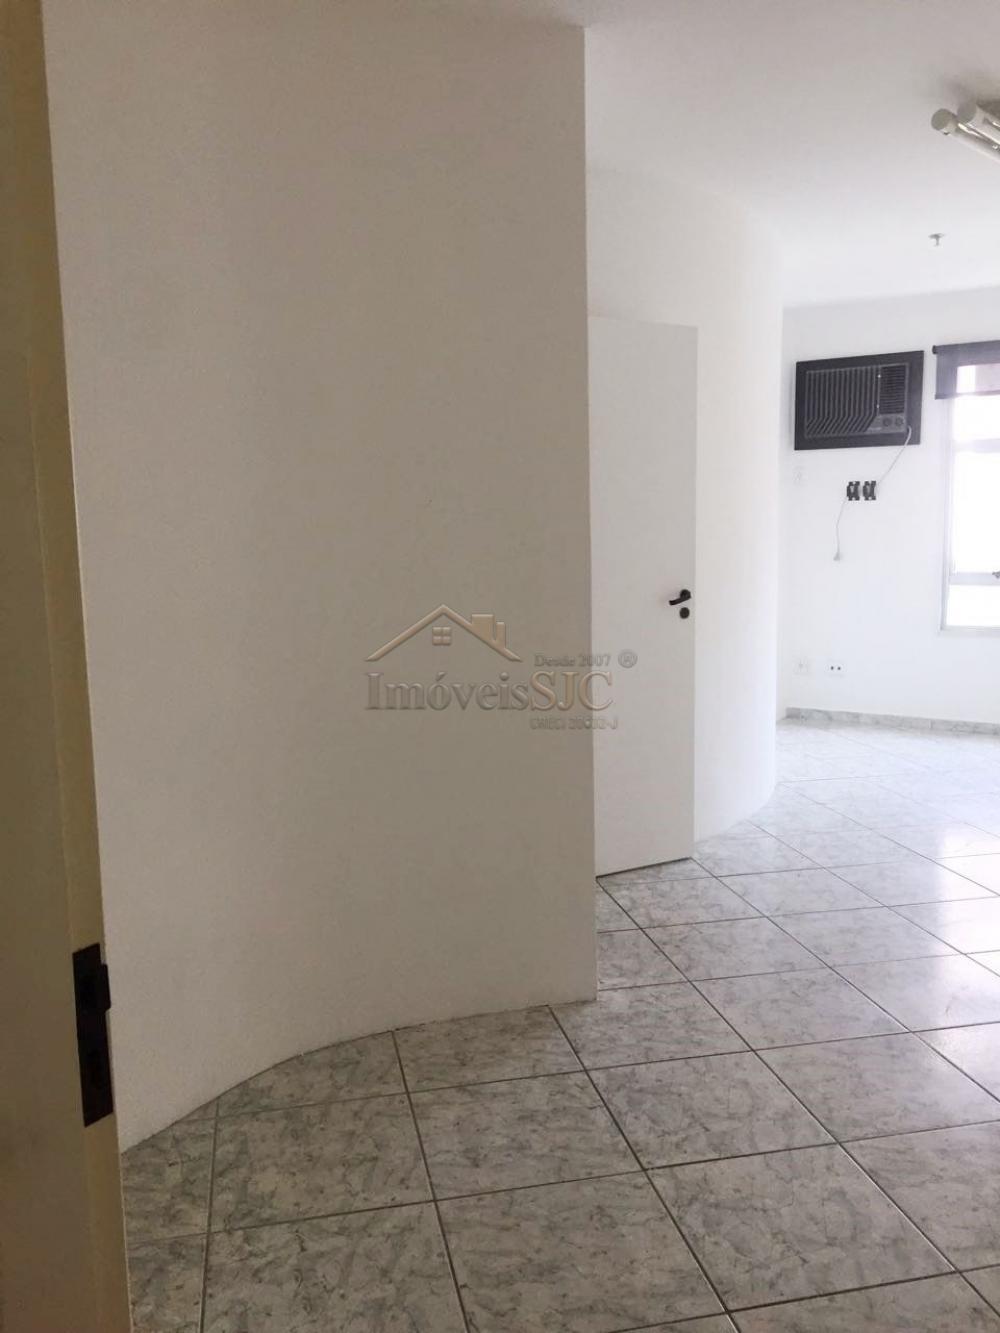 Alugar Comerciais / Sala em São José dos Campos apenas R$ 1.100,00 - Foto 4